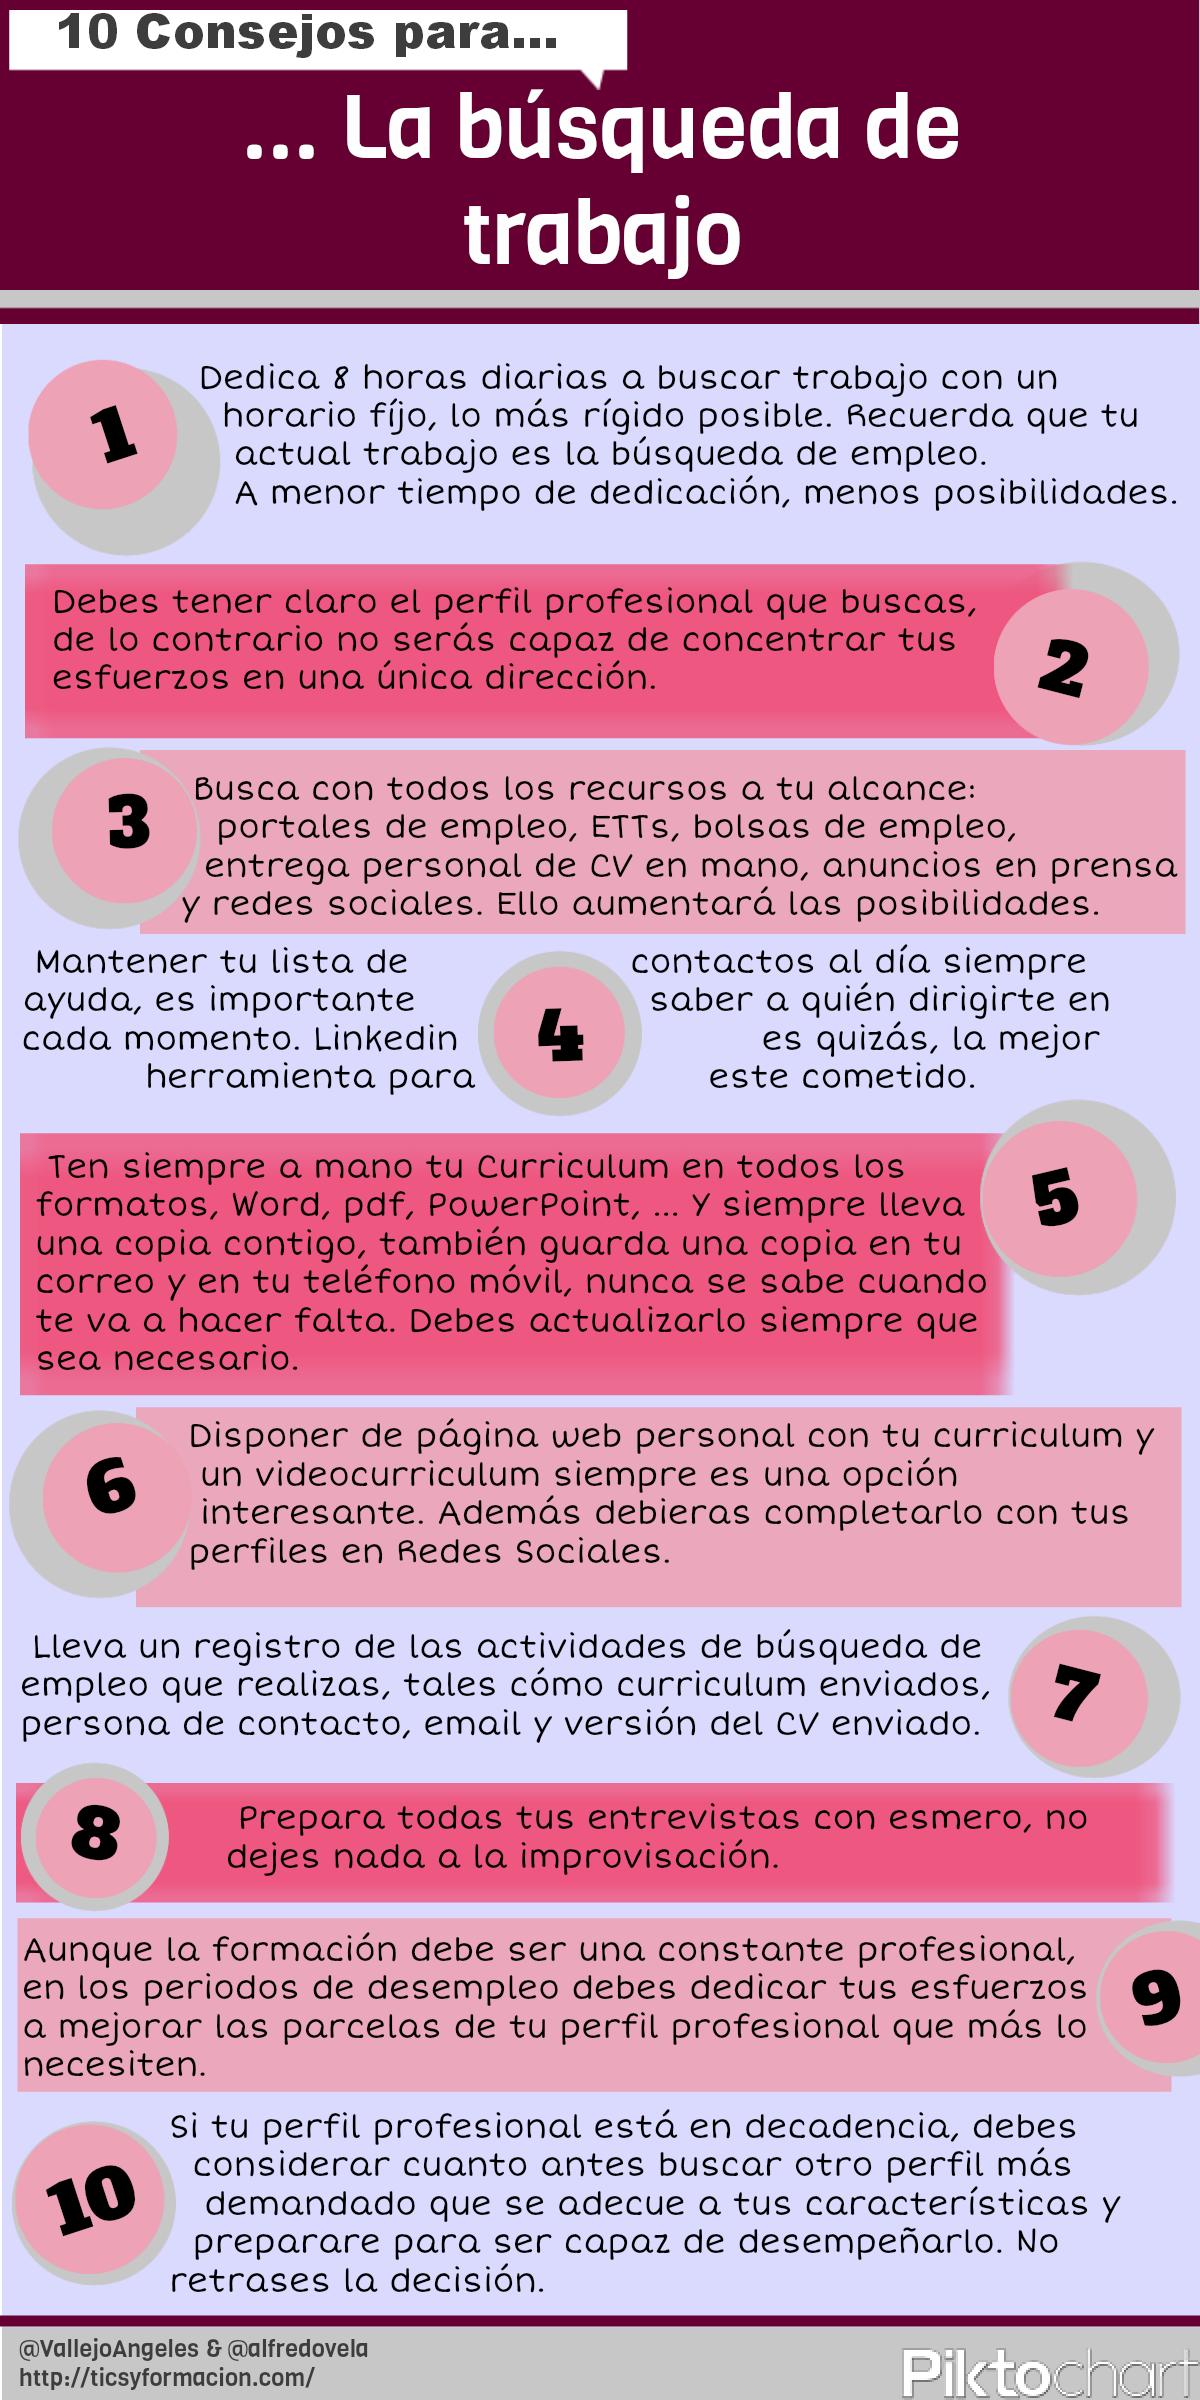 10 Consejos para la búsqueda de trabajo. | RH | Pinterest | Busqueda ...